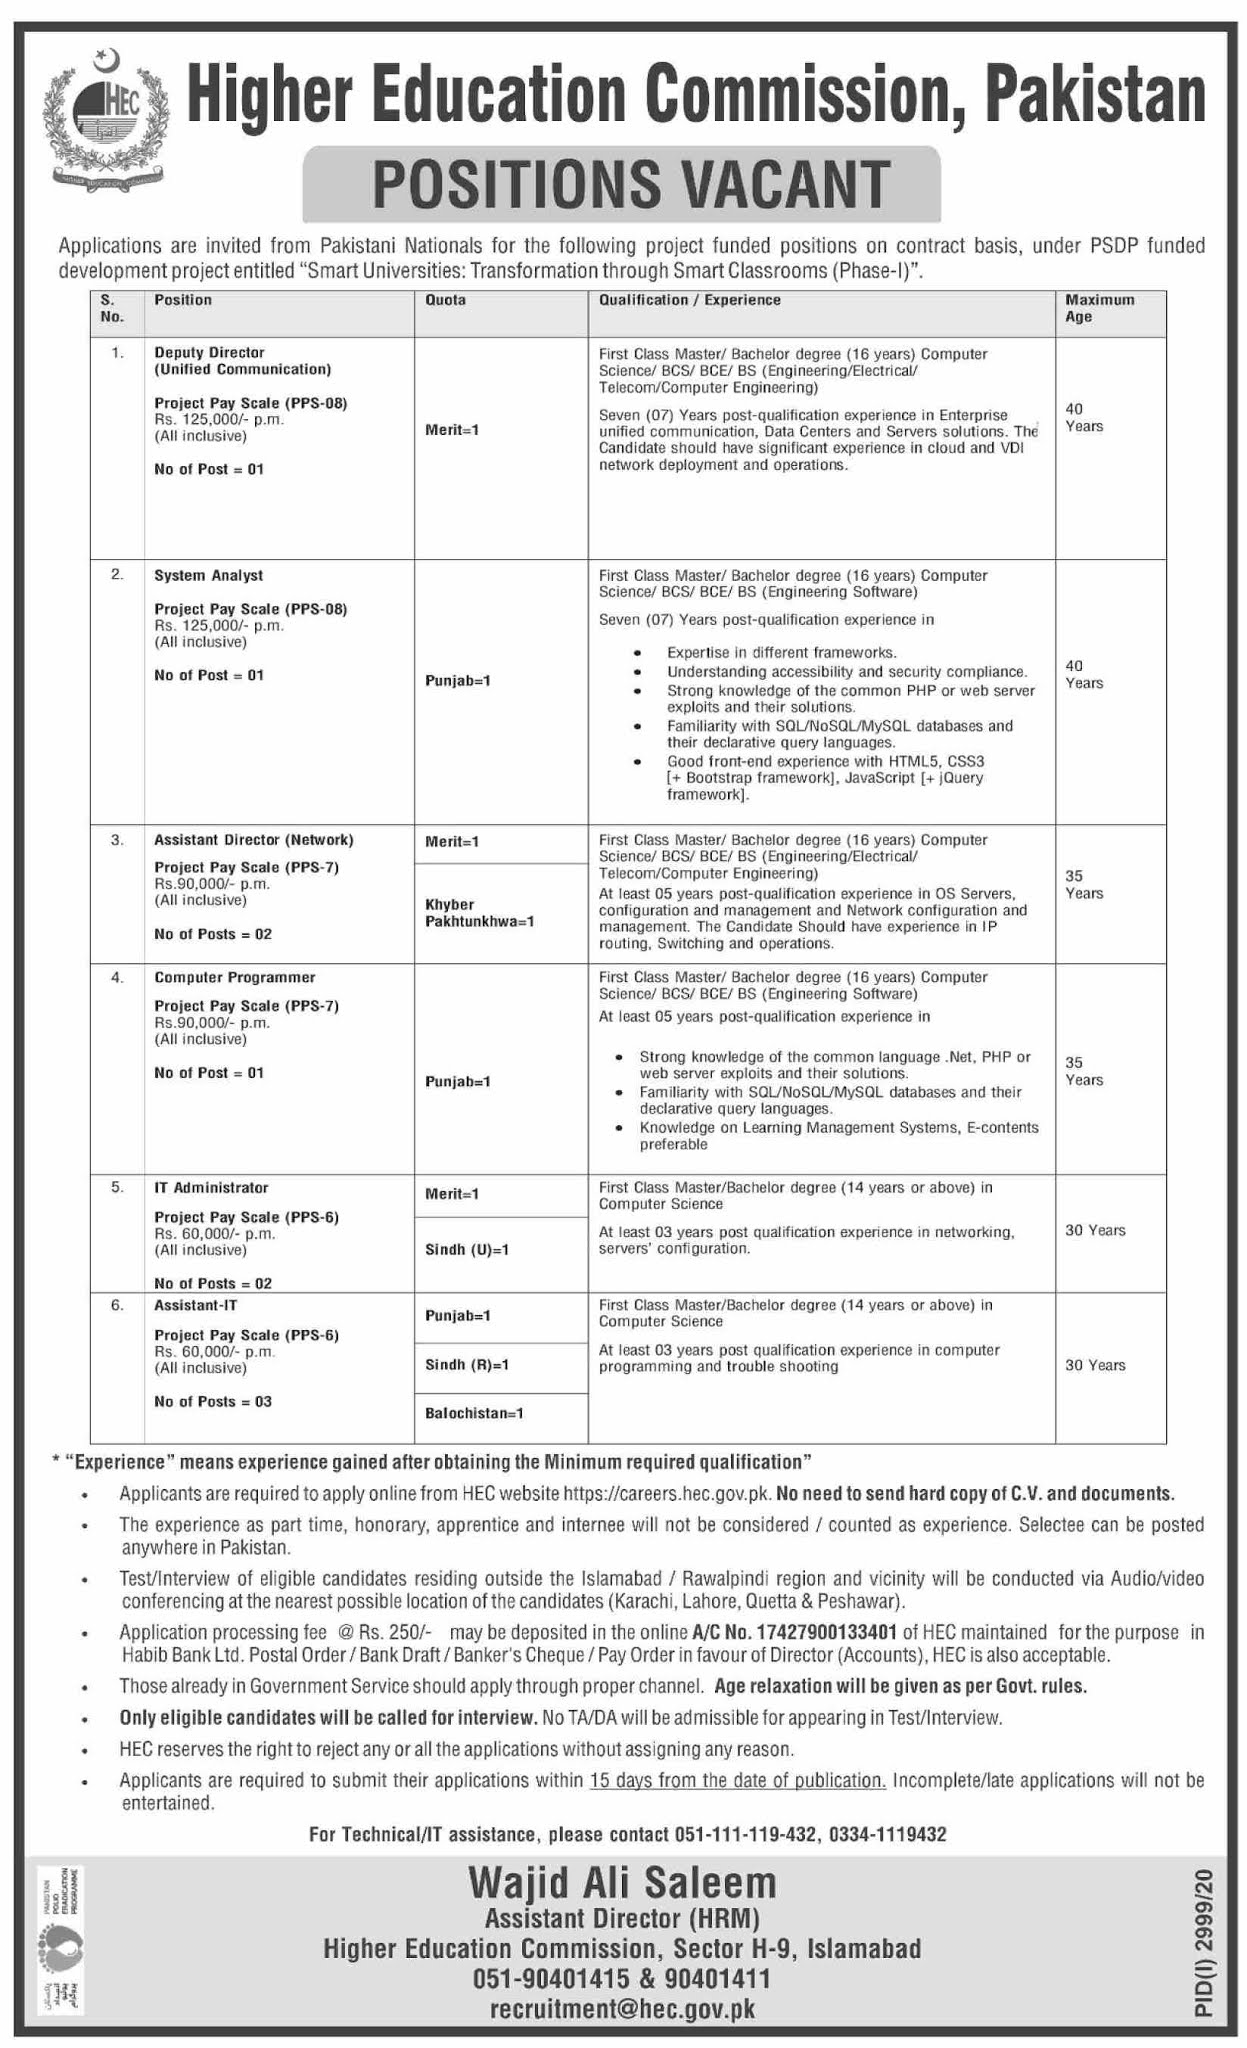 HEC PK HEC Portal Jobs HEC Pakistan Higher Education Commission Jobs - Online Apply - careers.hec.gov.pk New Jobs 2021